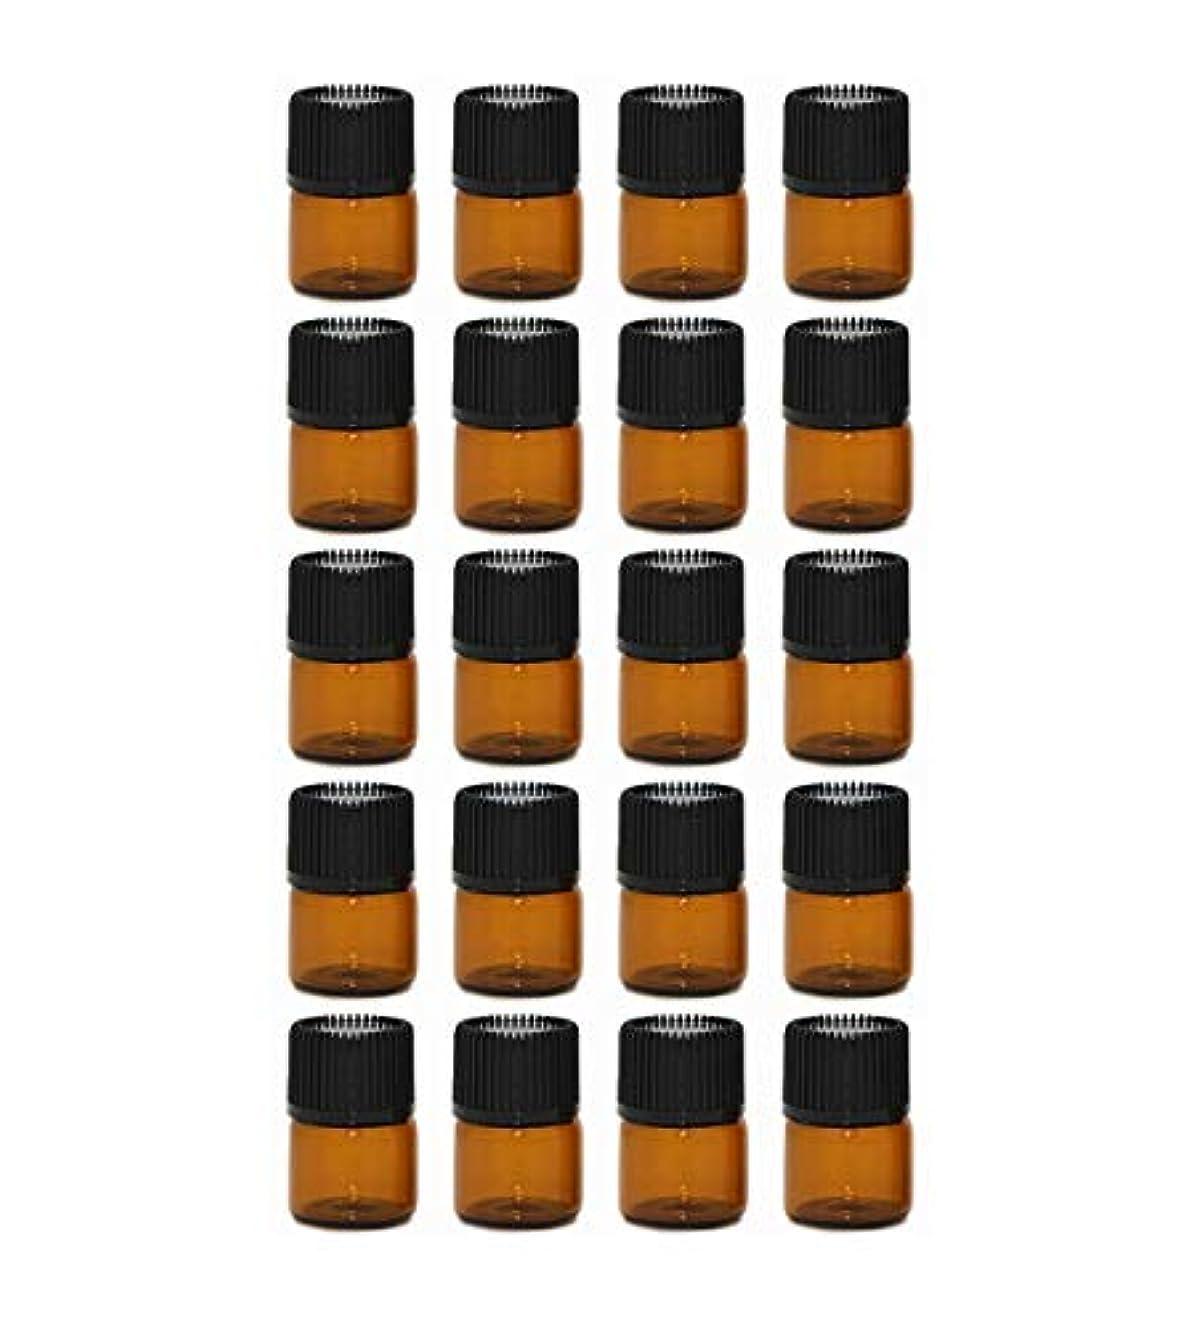 除外する一節ジャンル精油 小分け用 ボトル オイル 用 茶色 瓶 アロマオイル 遮光瓶 エッセンシャルオイル 保存瓶 1ml 15本セット